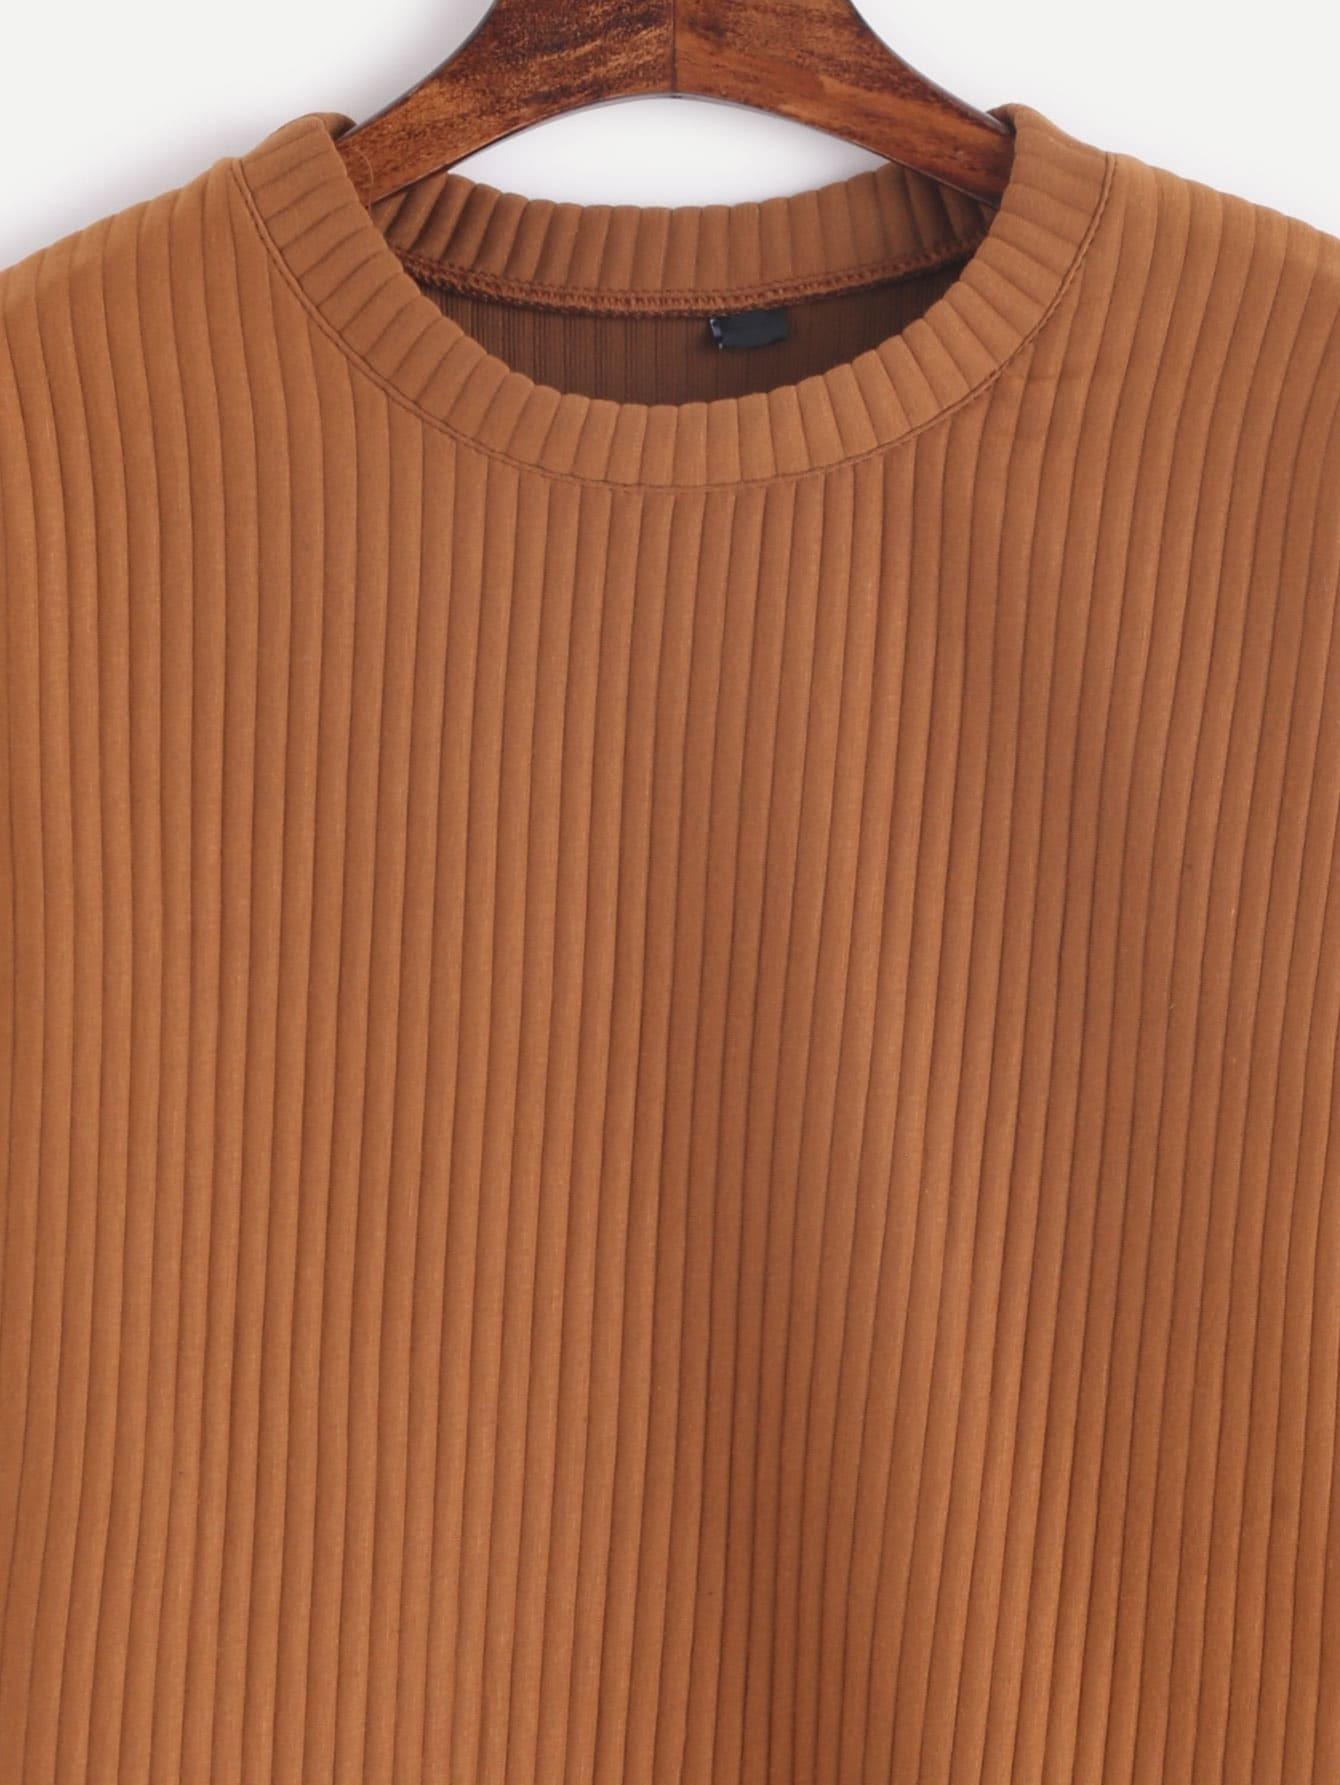 sweatshirt160927102_2